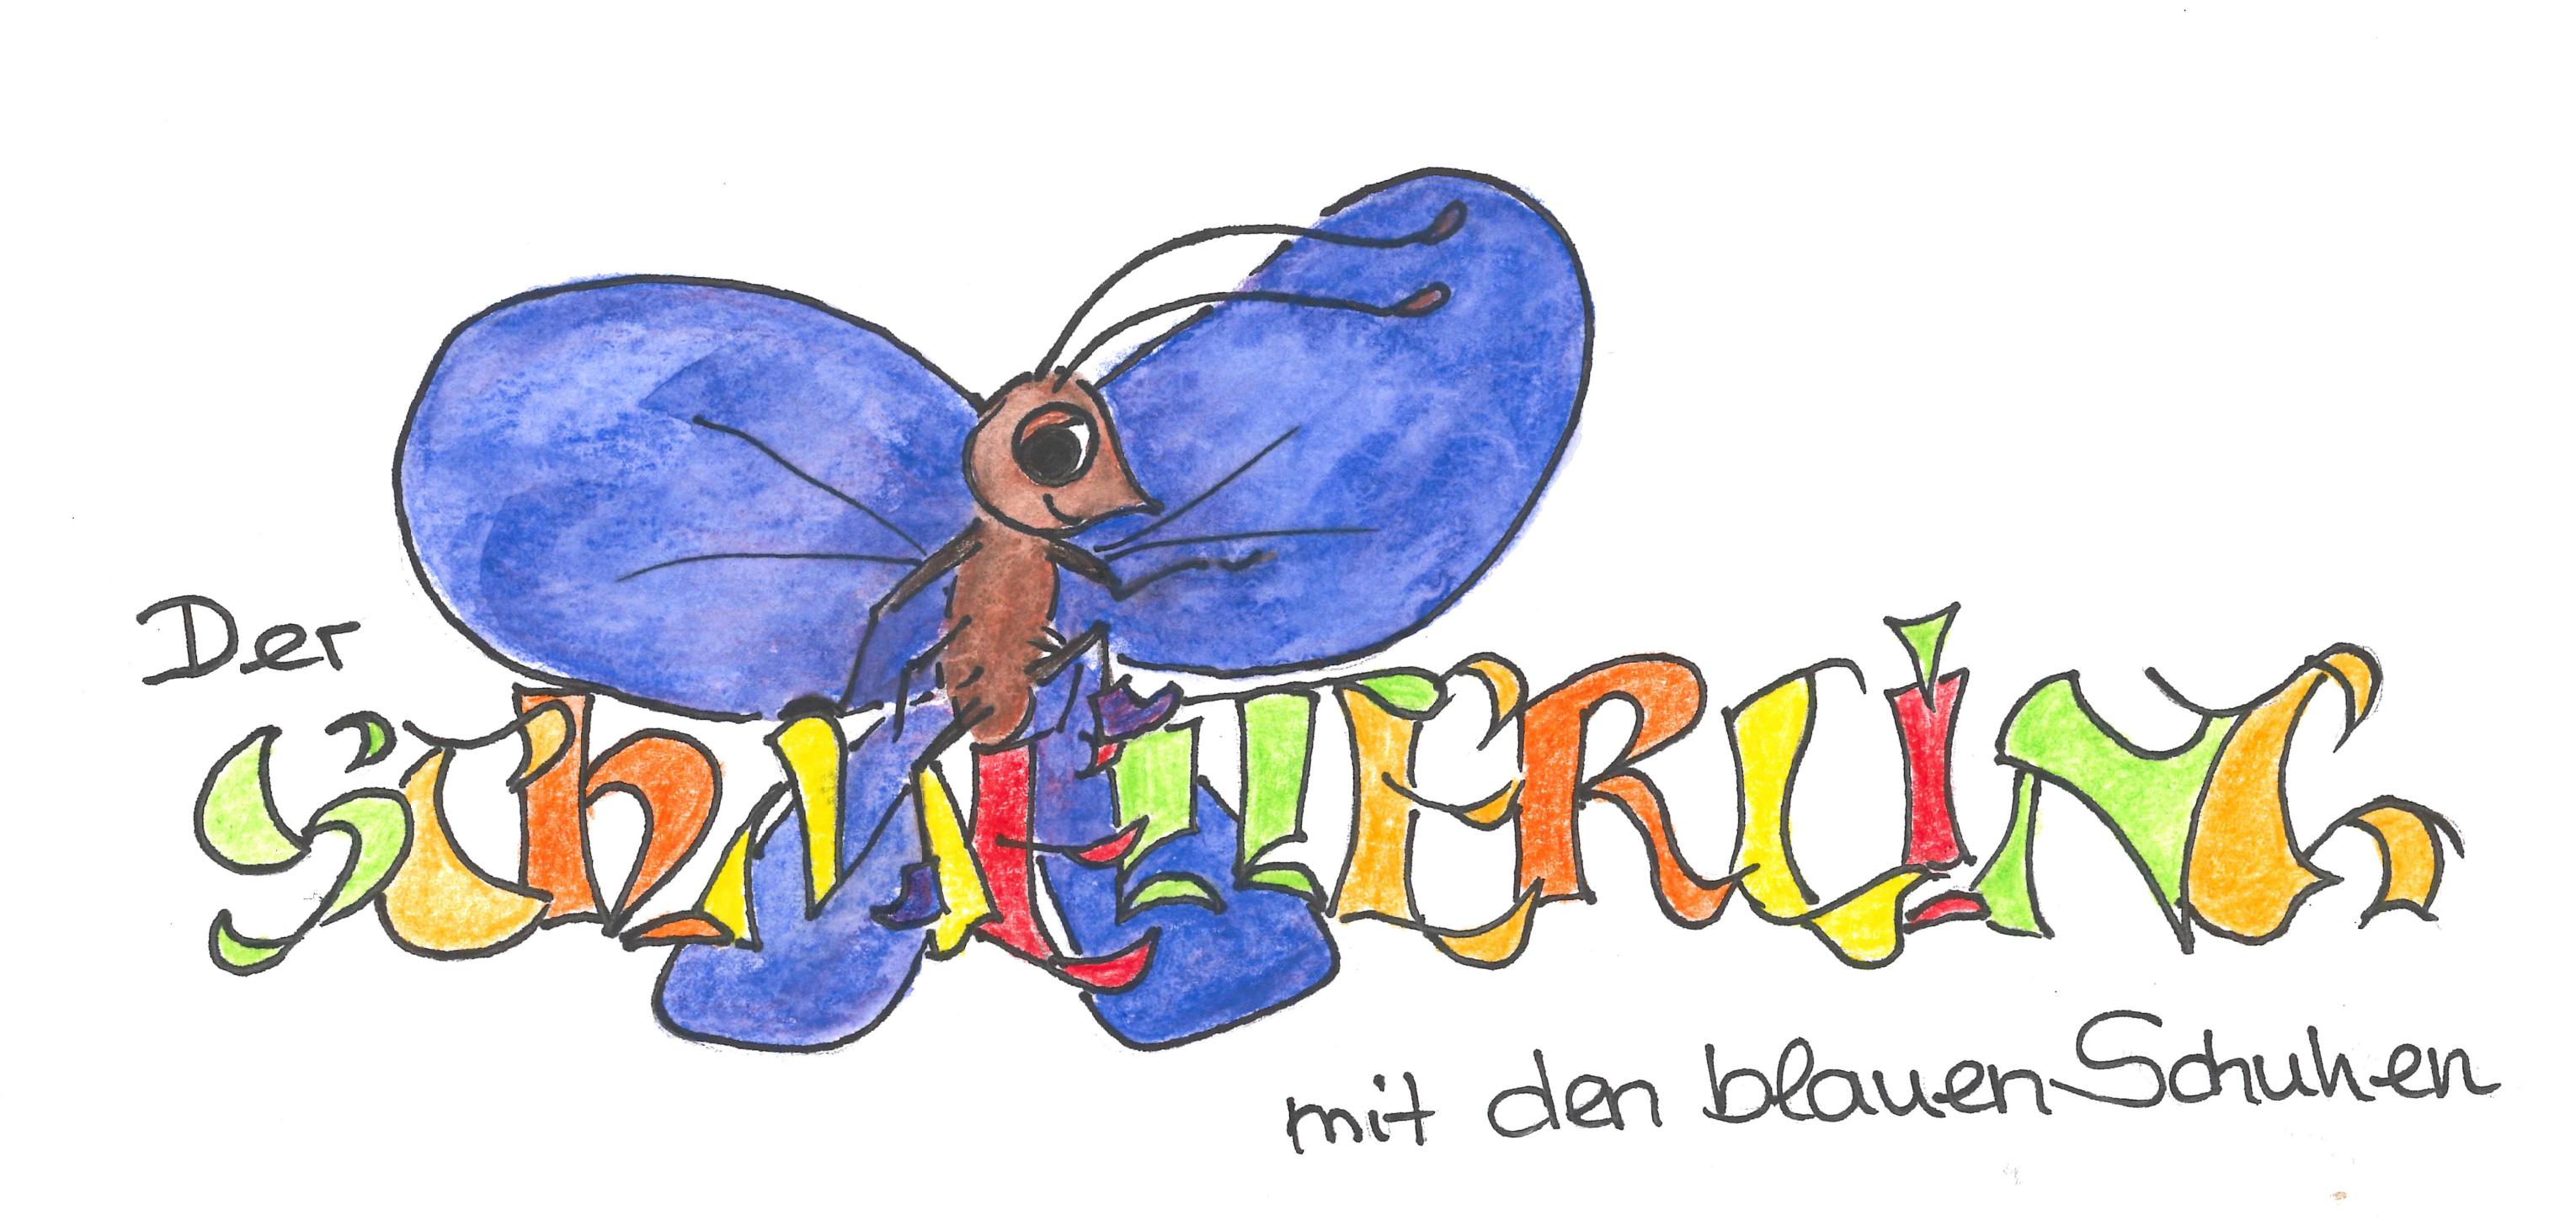 01_Der Schmetterling mit den blauen Schuhen Kopie